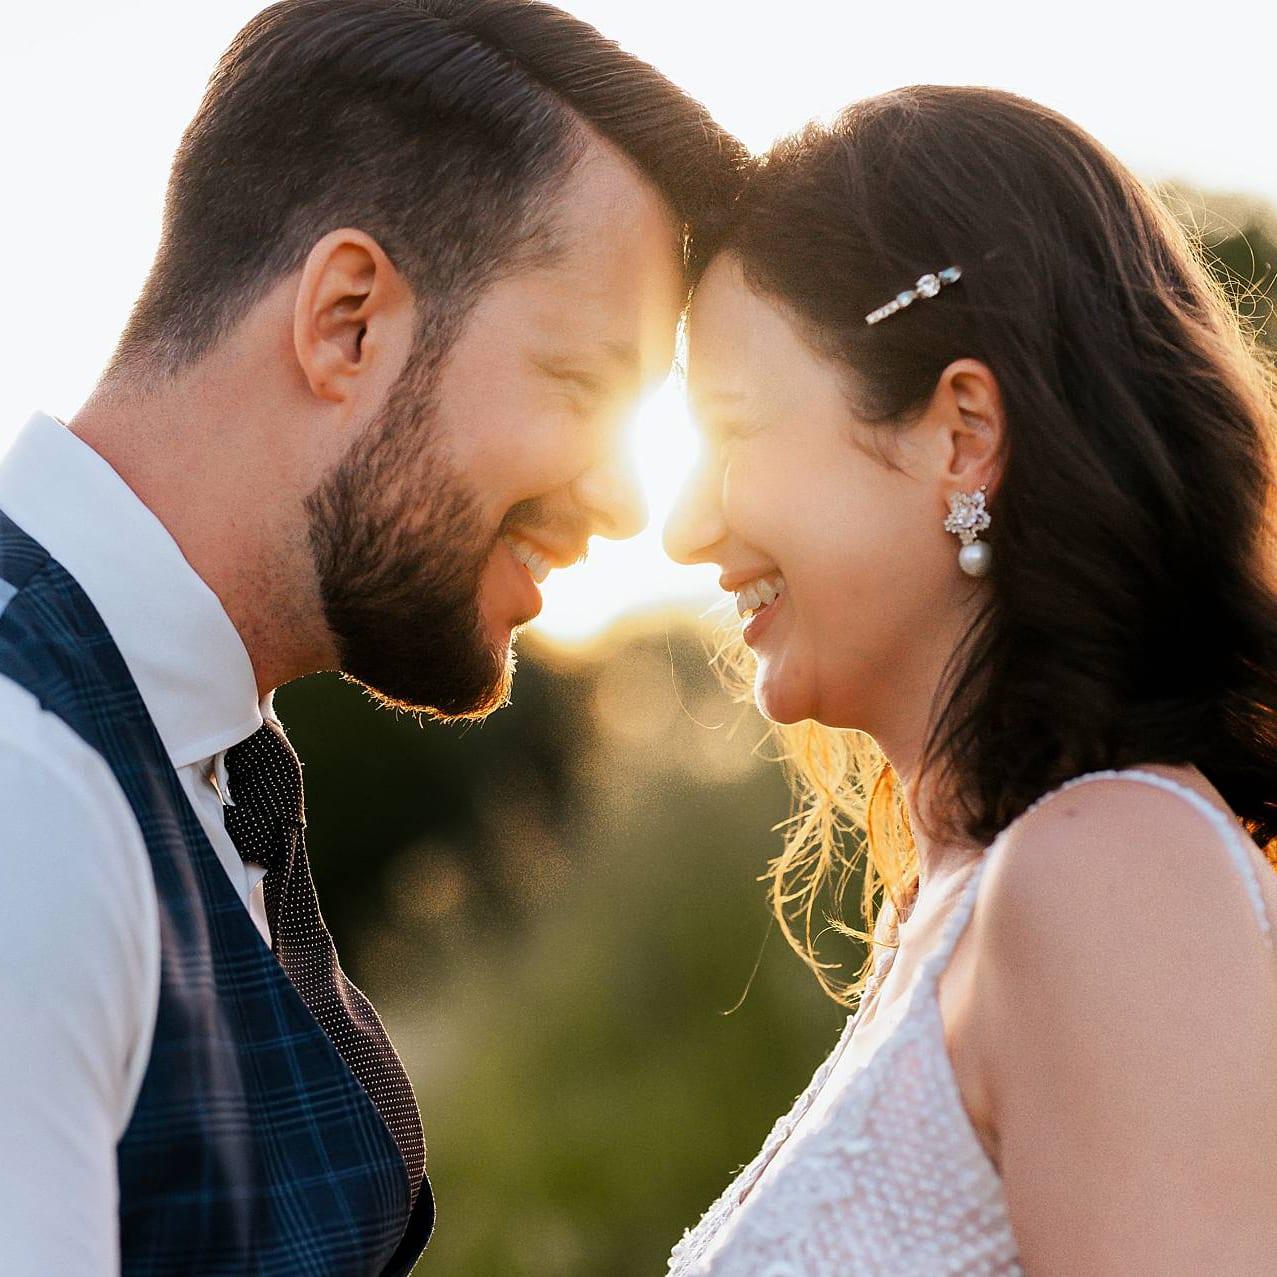 Hochzeitsfoto von dem Brautpaar.